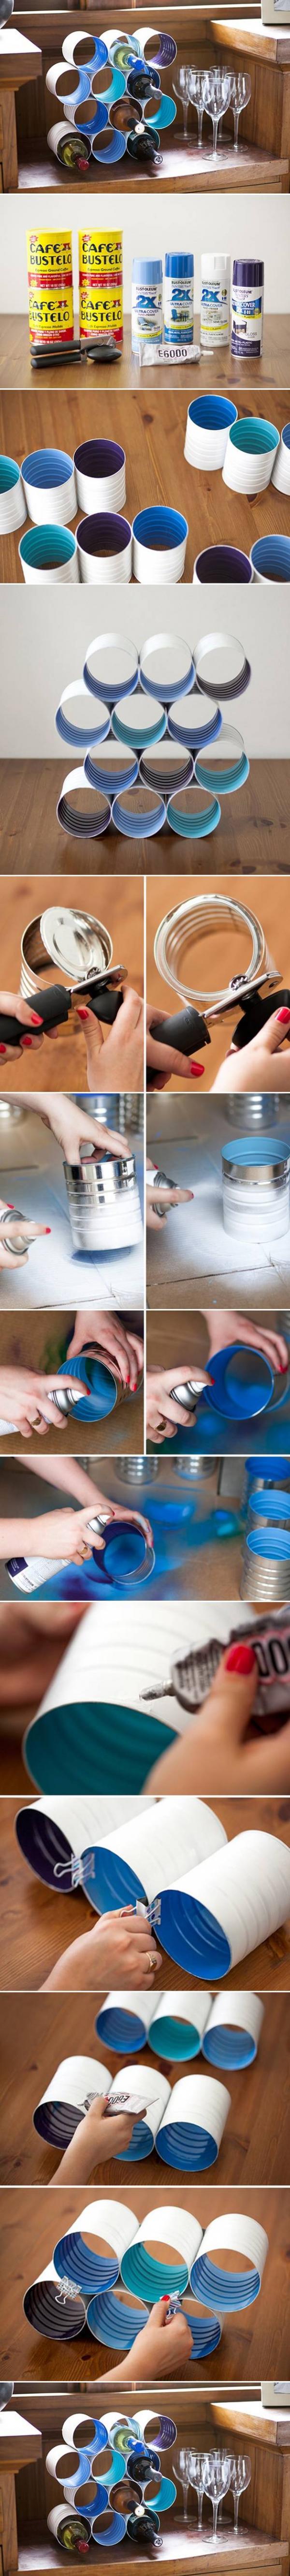 Fabriquer un présentoir à bouteille avec des boites de conserves.   Bouteille de vin bricolage ...